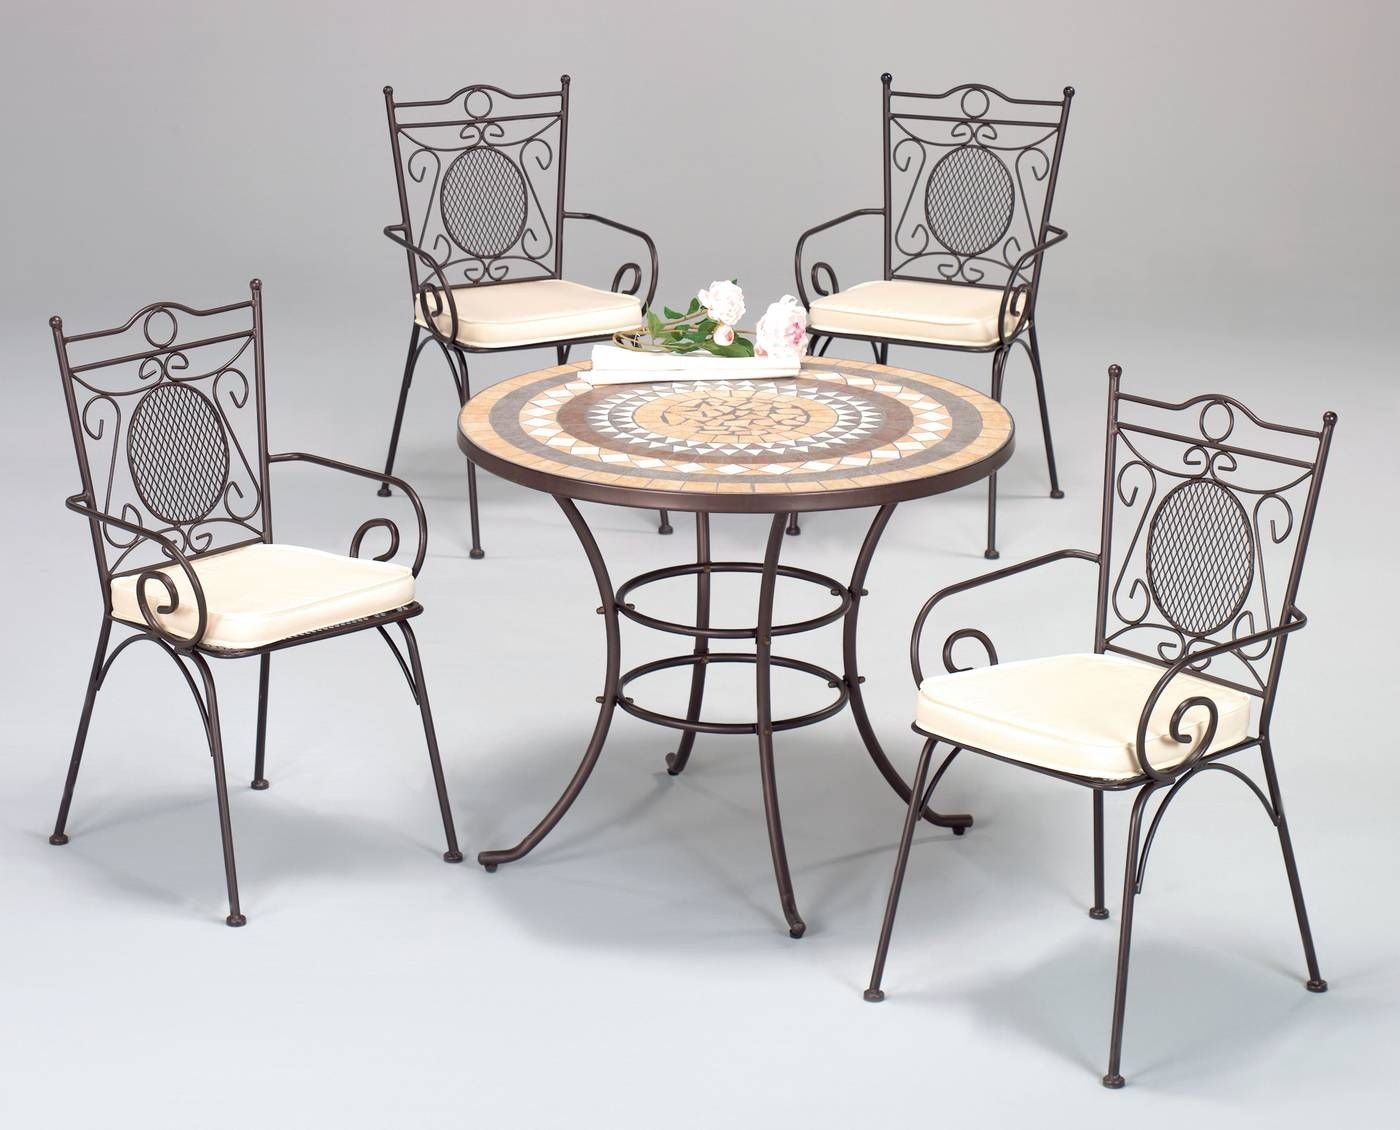 Pin de pedro rodriguez en mesa y sillas terraza en 2019 - Sillas de forja para comedor ...